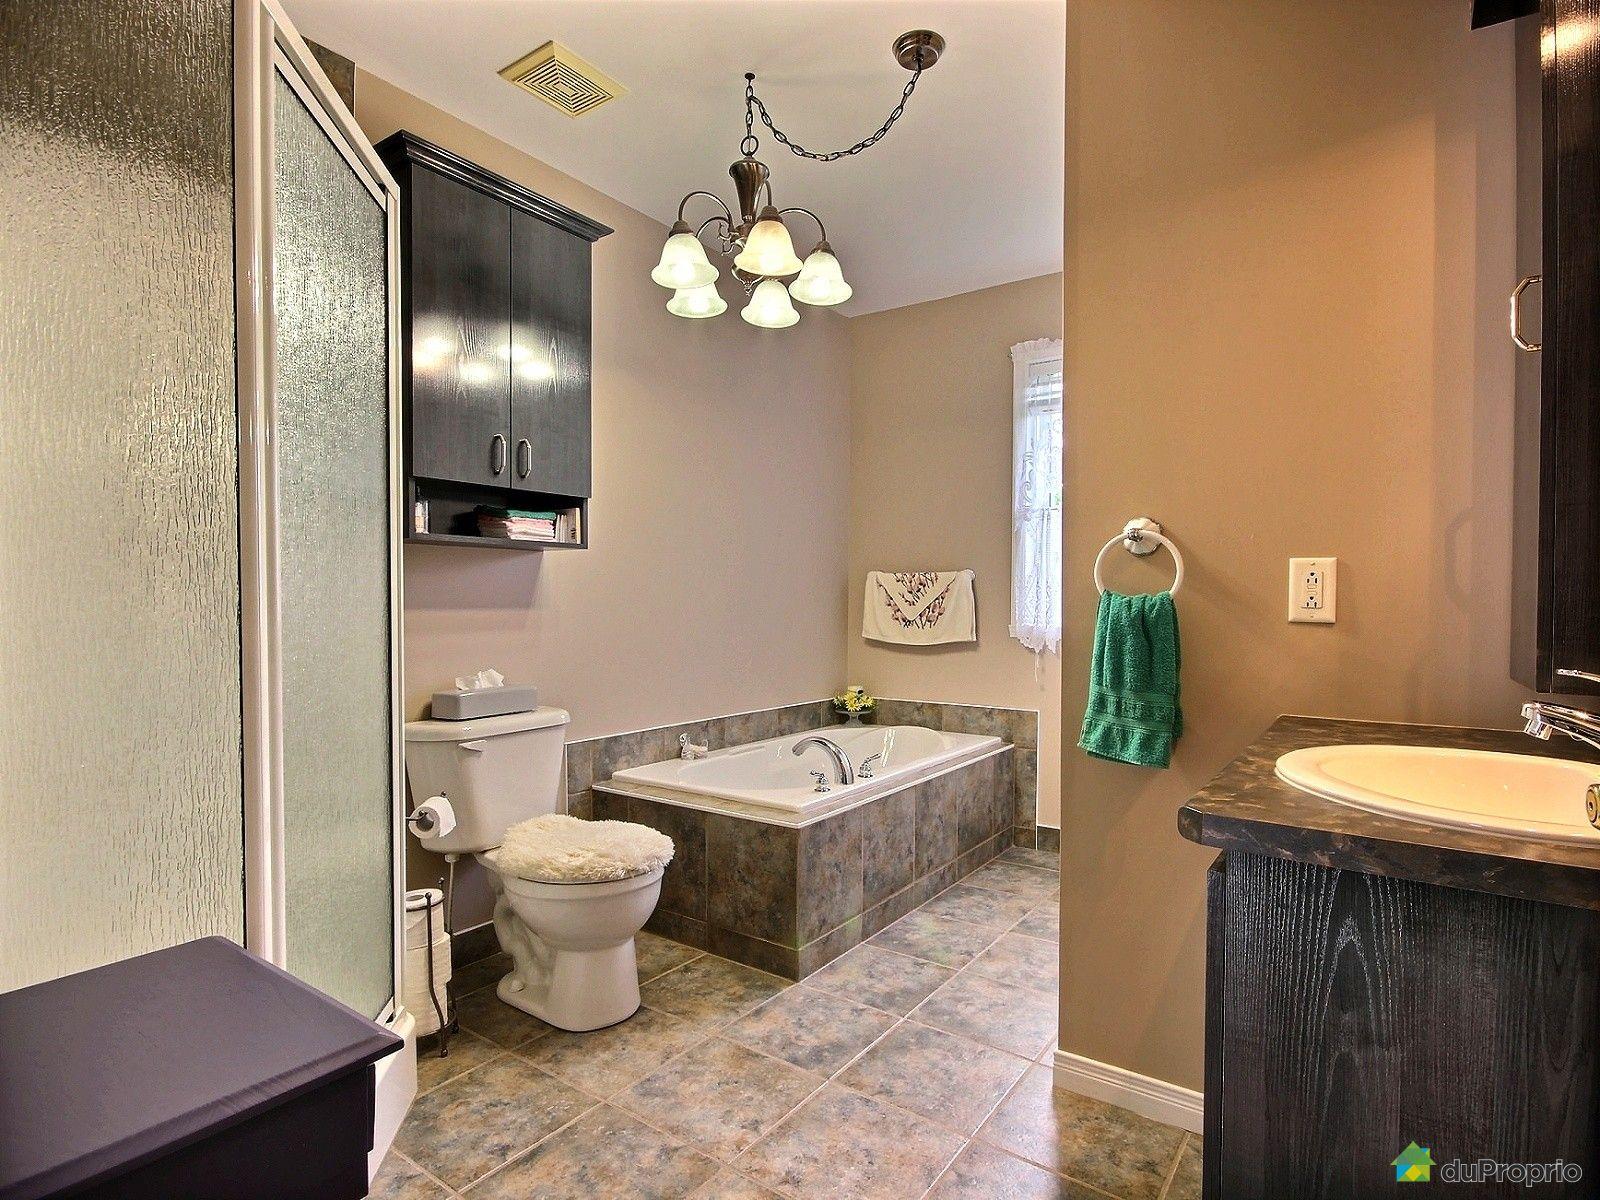 Condo vendre st j r me 2438 rue schulz immobilier for Accessoire salle de bain st jerome